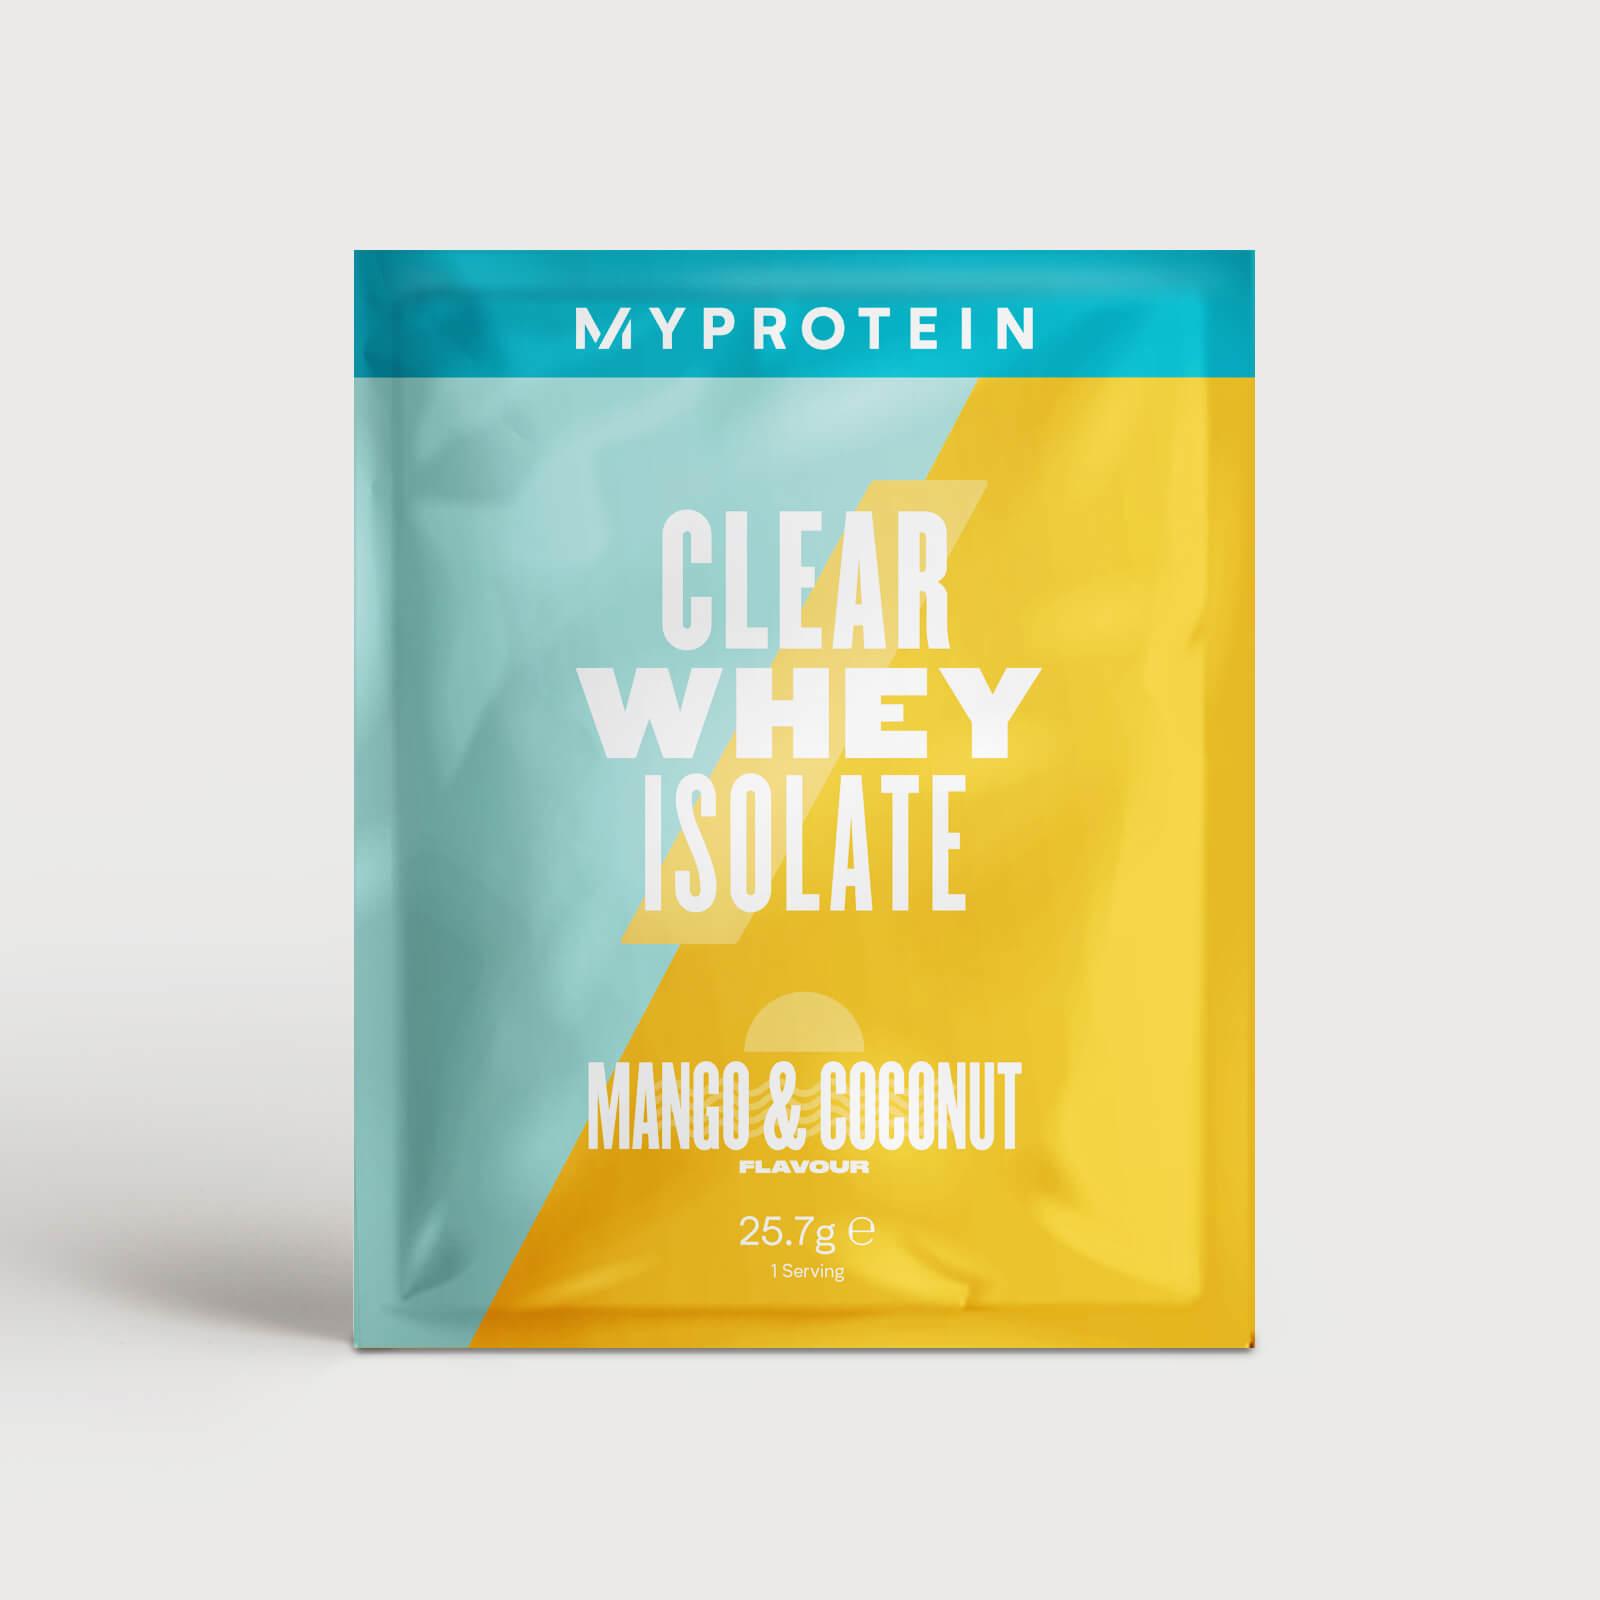 Clear Whey Isolate (Échantillon) - 25.7g - Mango & Coconut